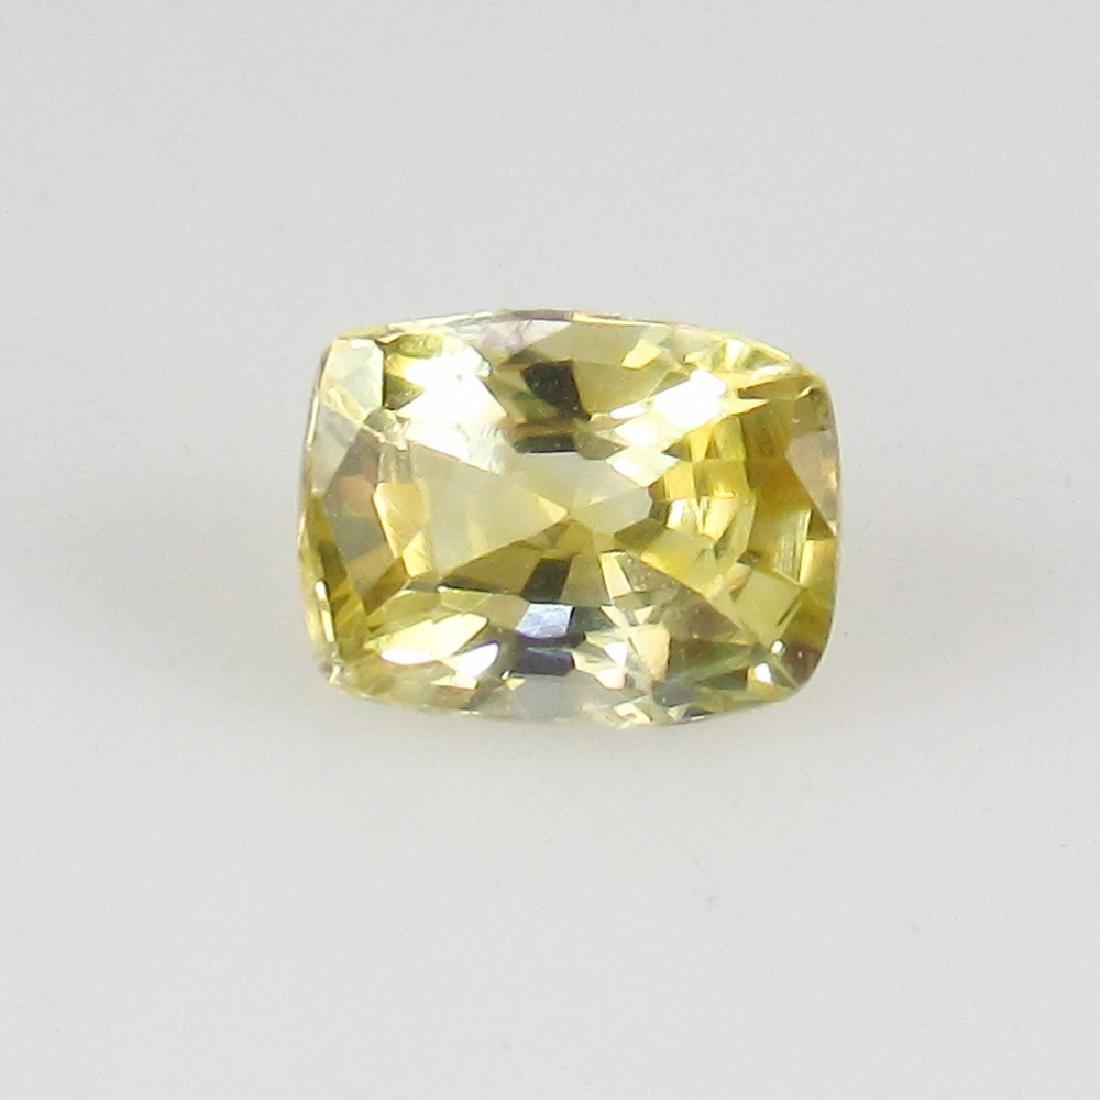 0.64 Ct Genuine IGI Certified Sri Lanka Yellow Sapphire